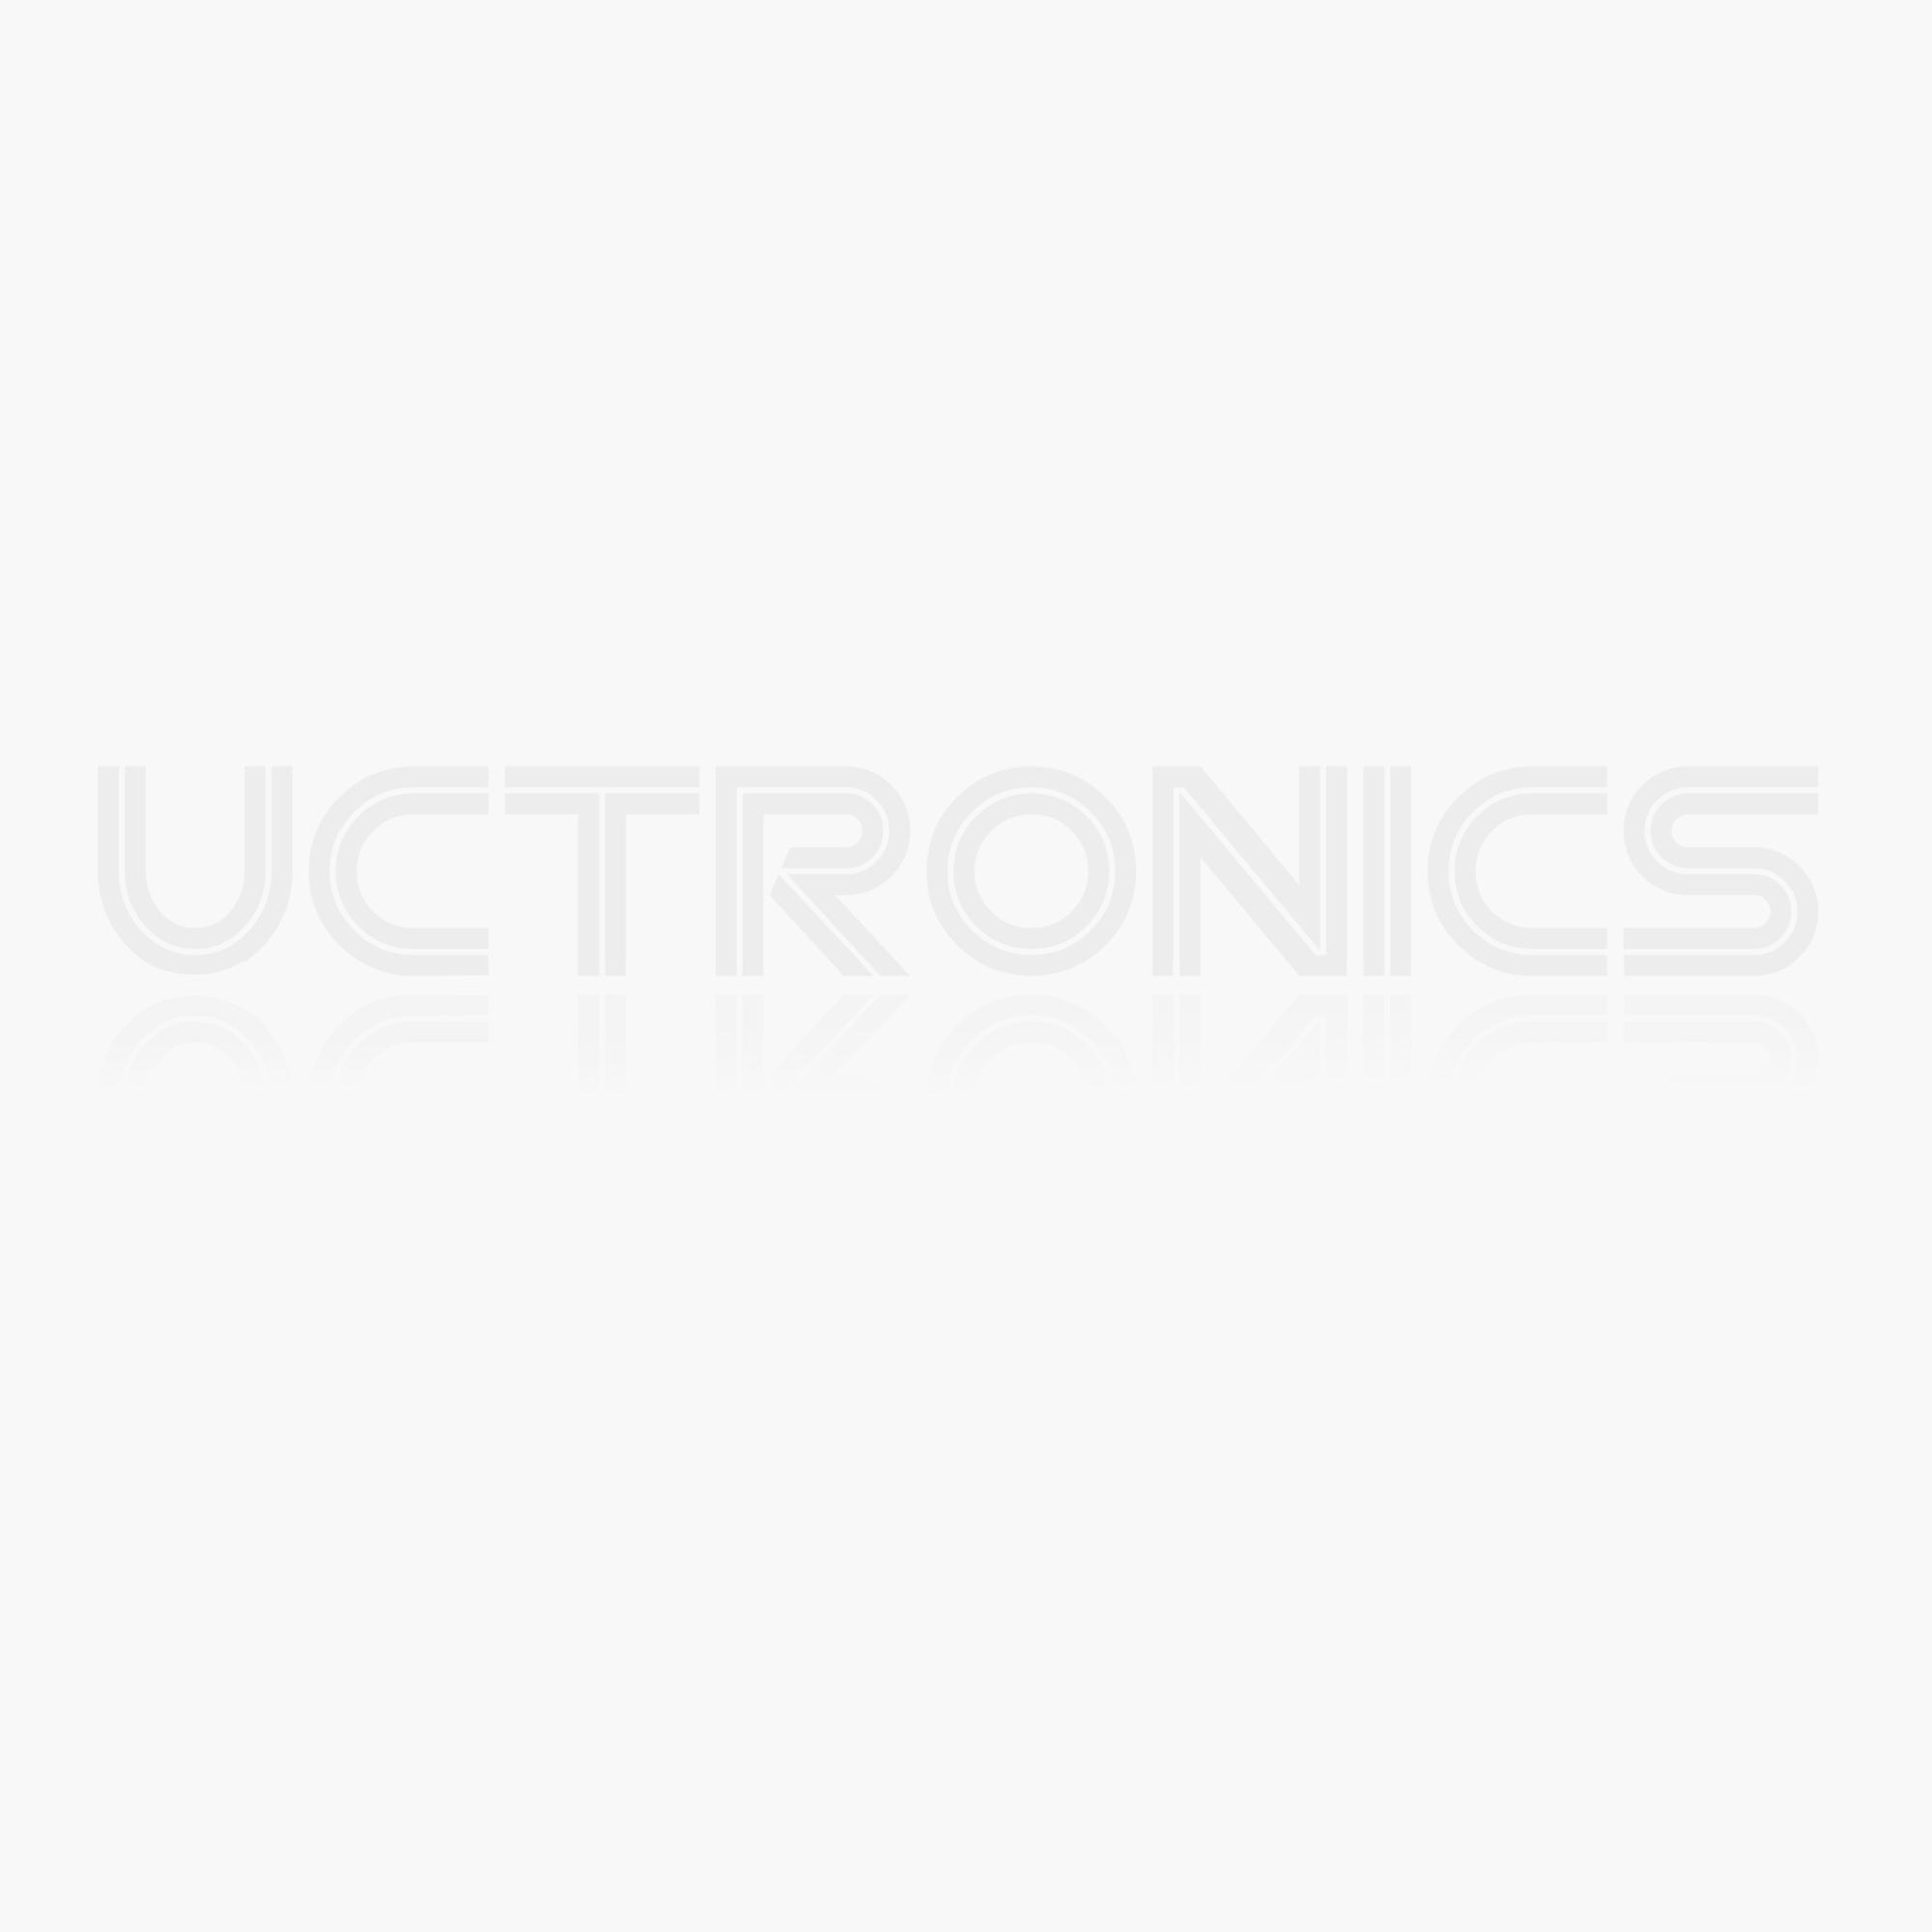 DC 4.5-9.9V/0-3A USB Current Voltage Detector USB Voltmeter Ammeter Volt Amp Tester